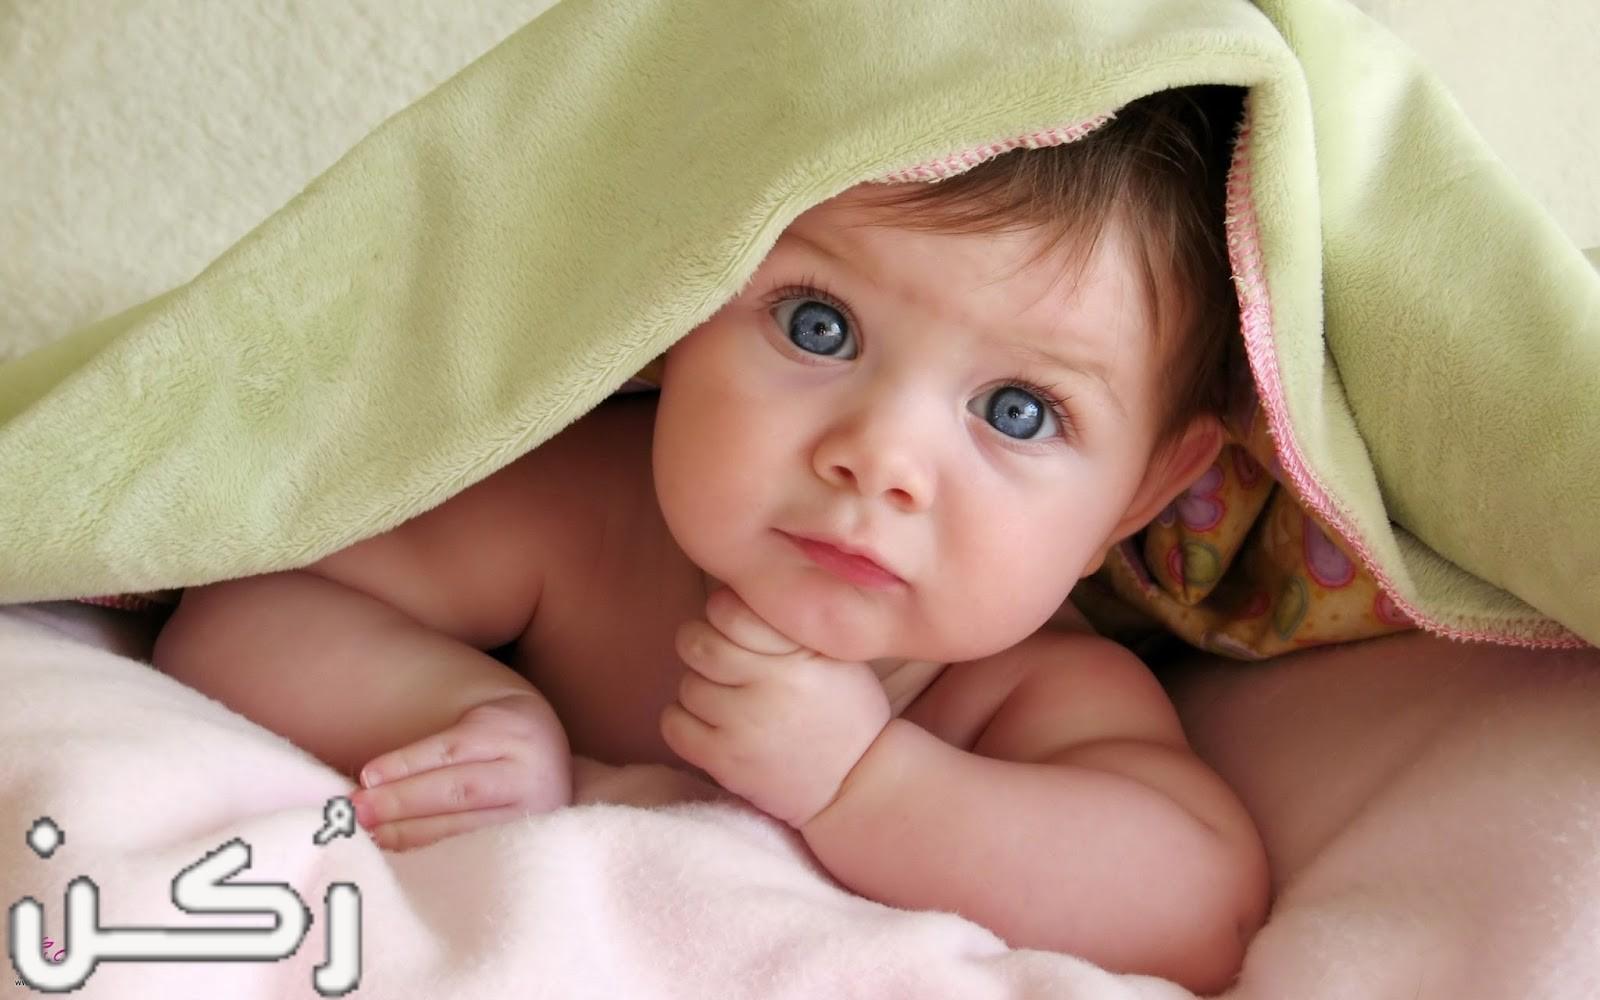 معنى اسم راغد في علم النفس وصفات حامله